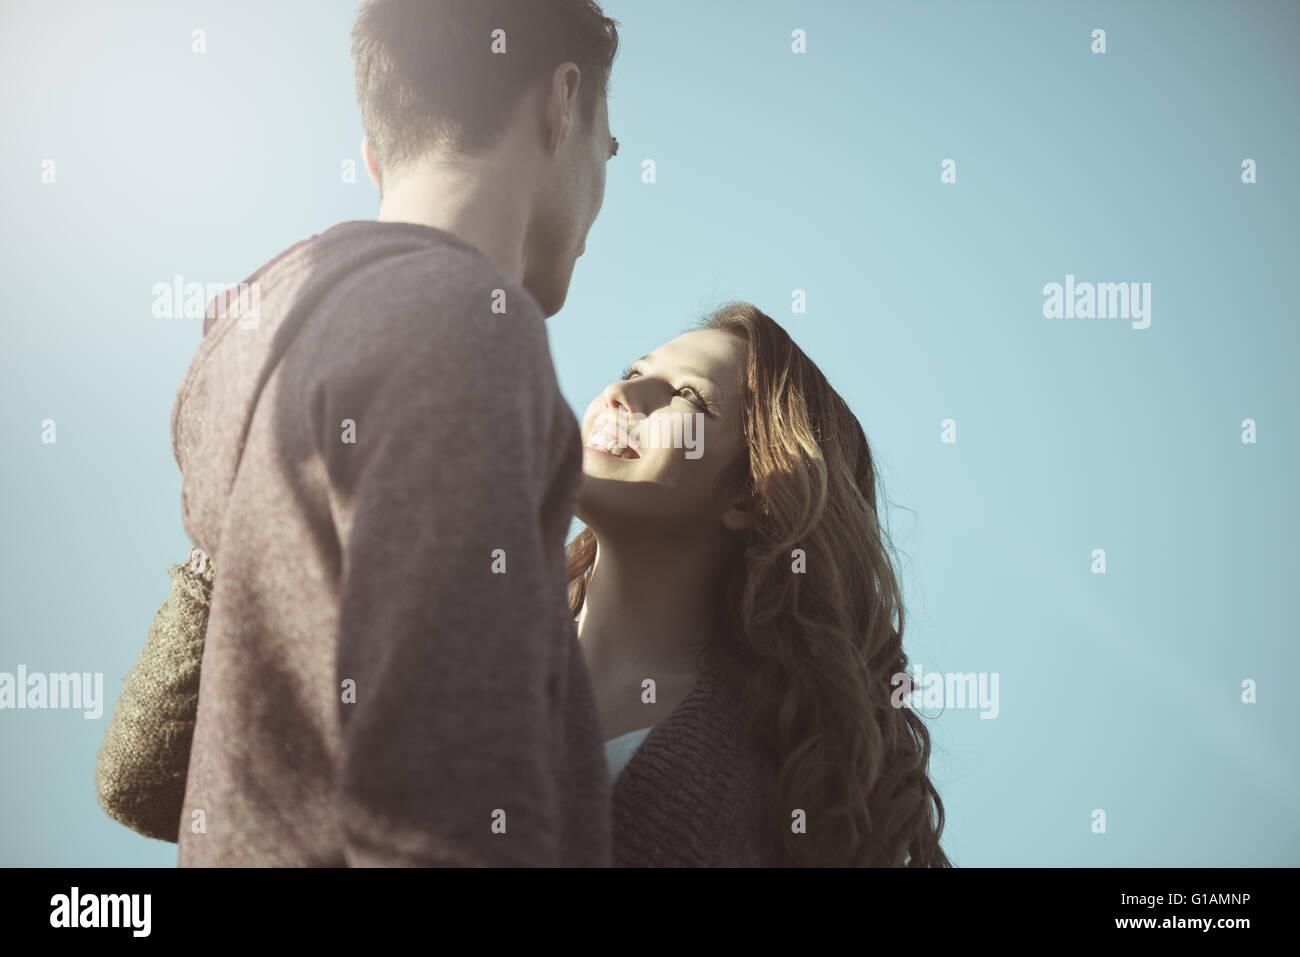 Les jeunes adolescents romantique à regarder les uns les autres contre le ciel bleu, l'amour et les rapports Photo Stock